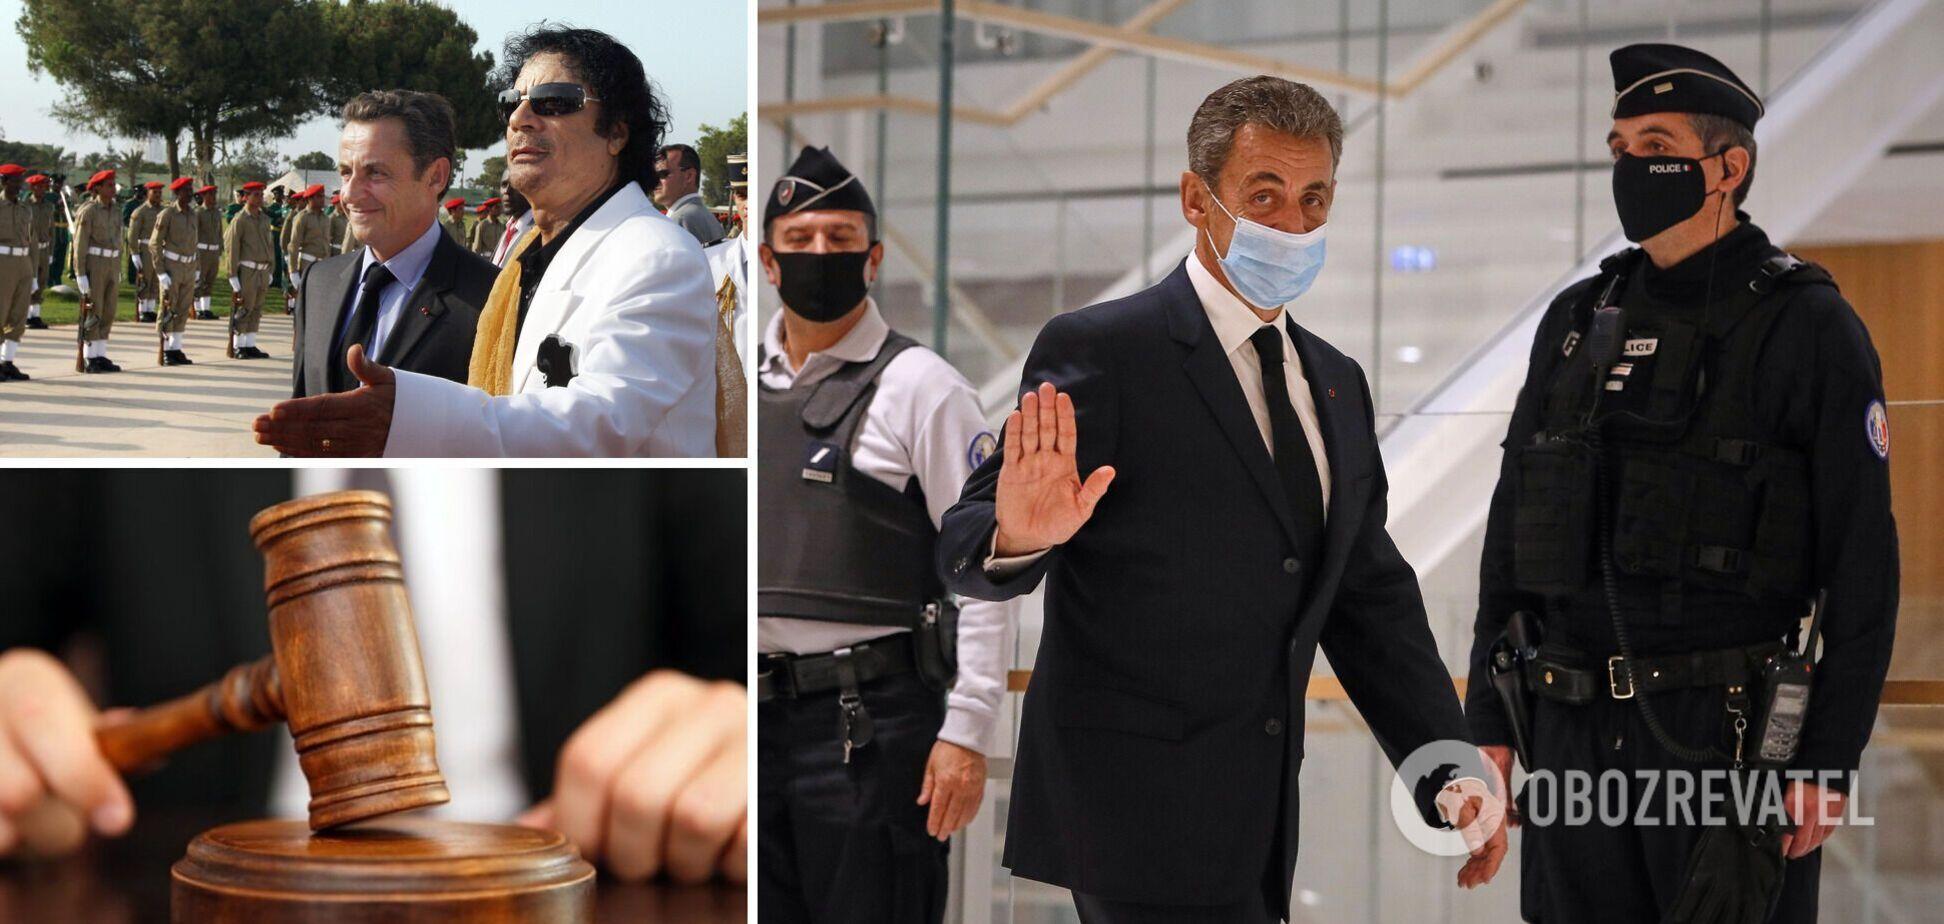 Саркозі став першим засудженим експрезидентом Франції: за що вирок і що на нього чекає